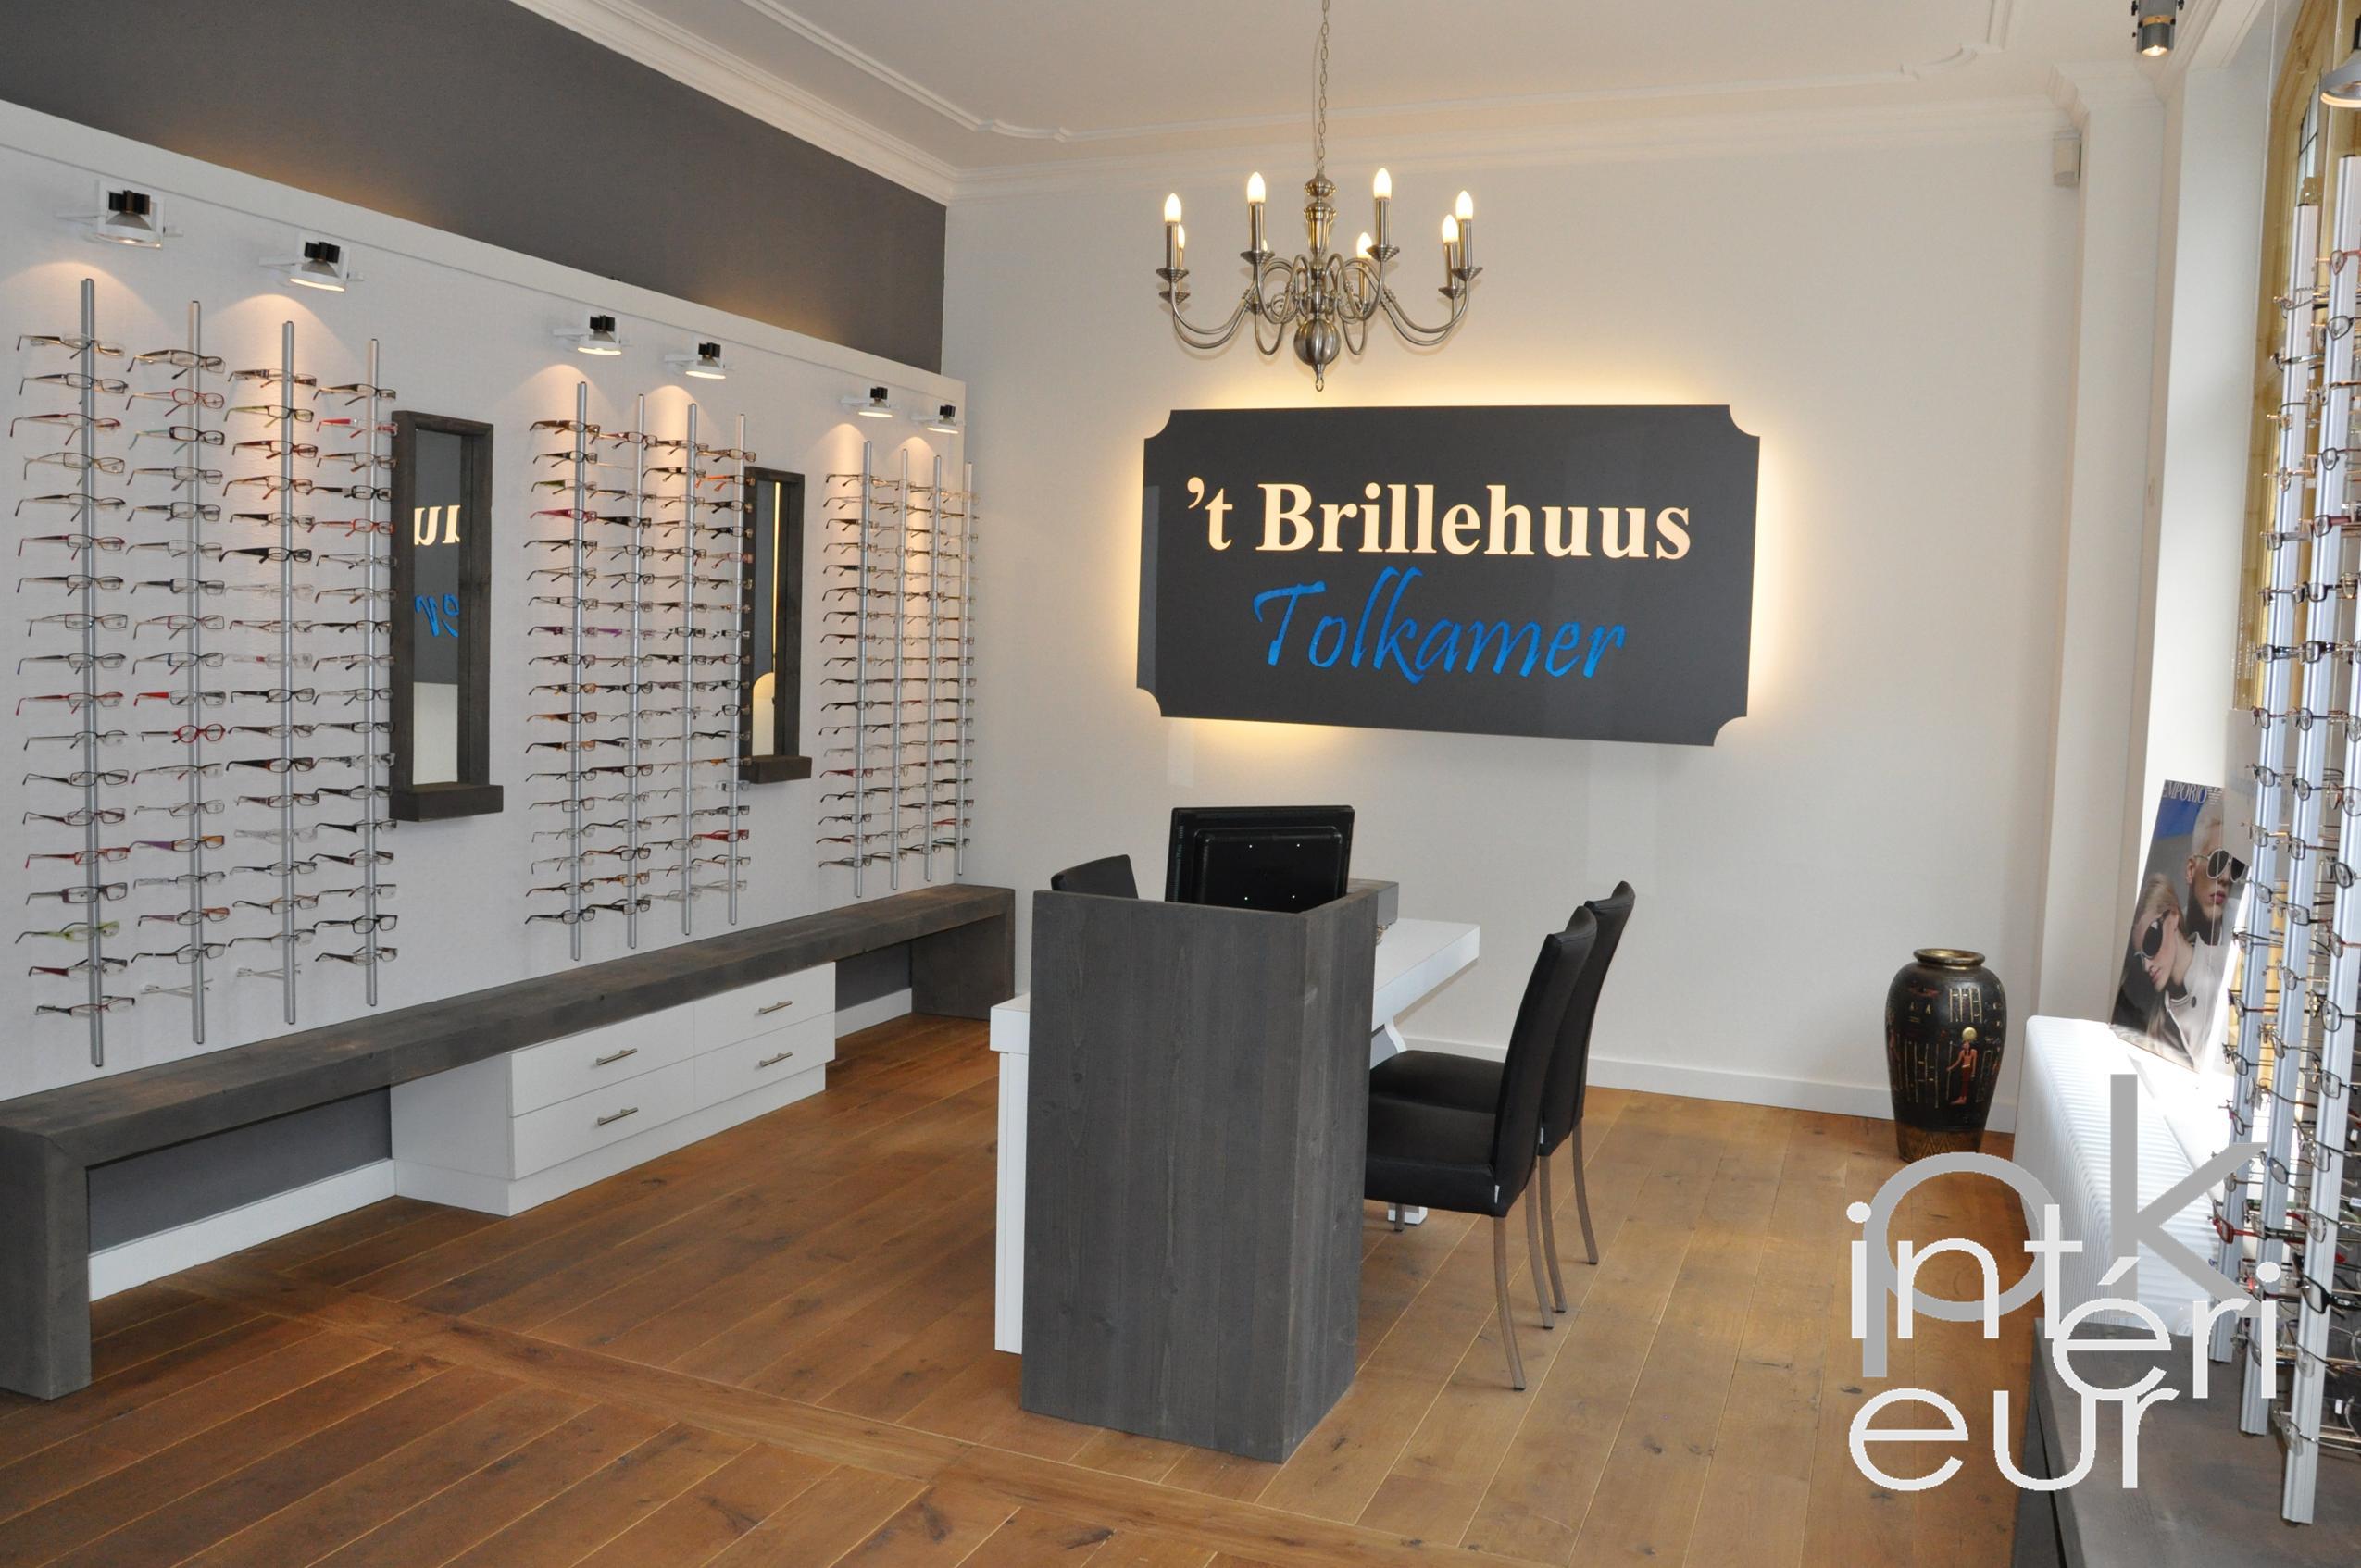 Pk interieur design ontwerp inrichting en advies voor for Interieur winkels